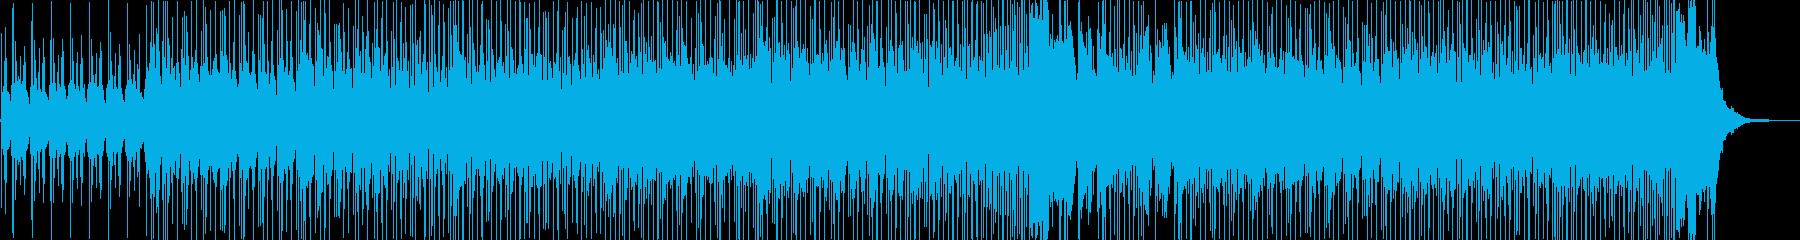 活気ありコミカルなポップハウス曲の再生済みの波形